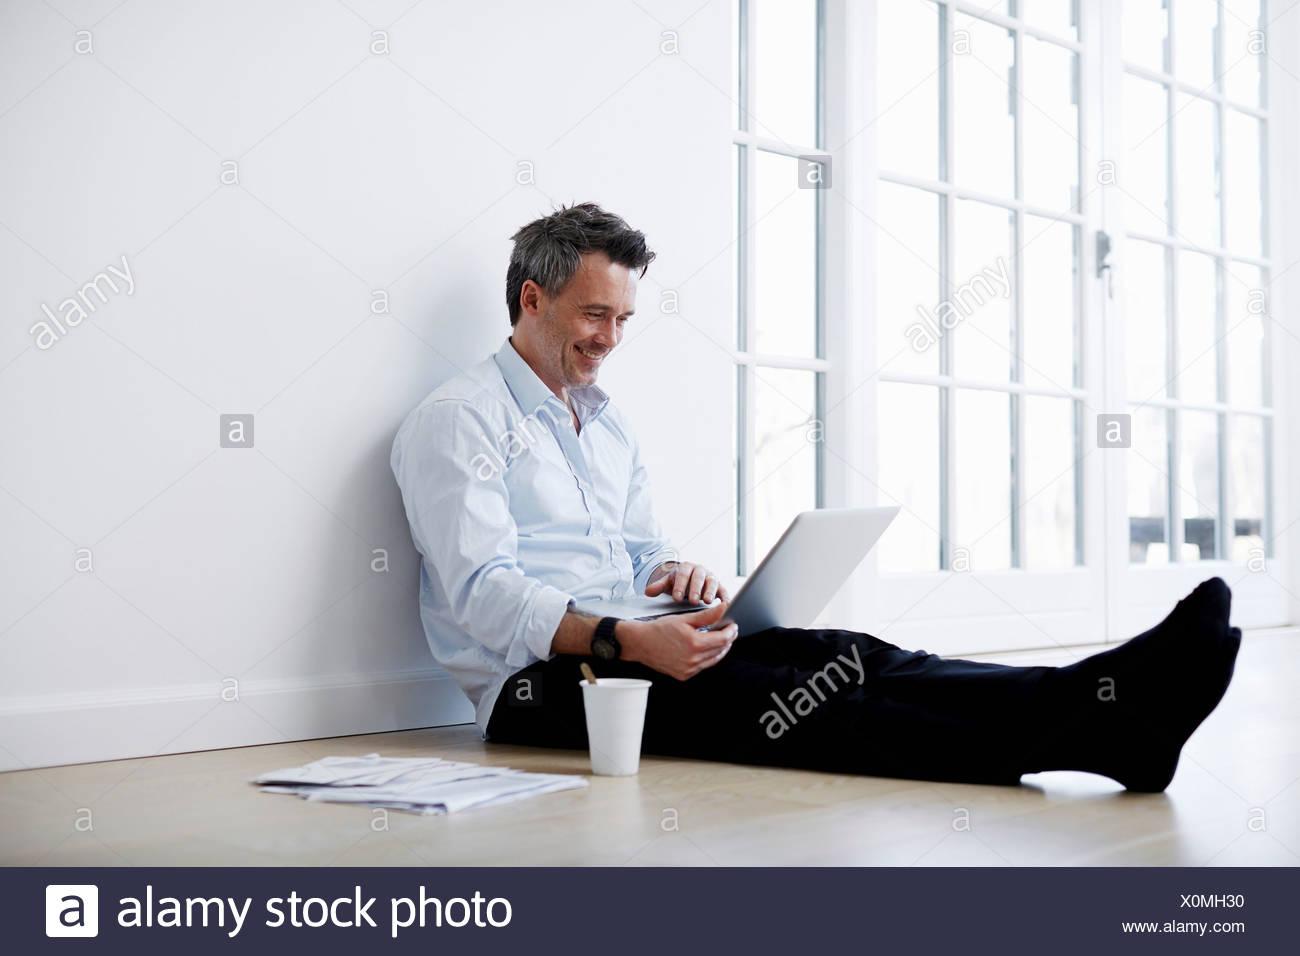 Man sitting on floor sing laptop - Stock Image